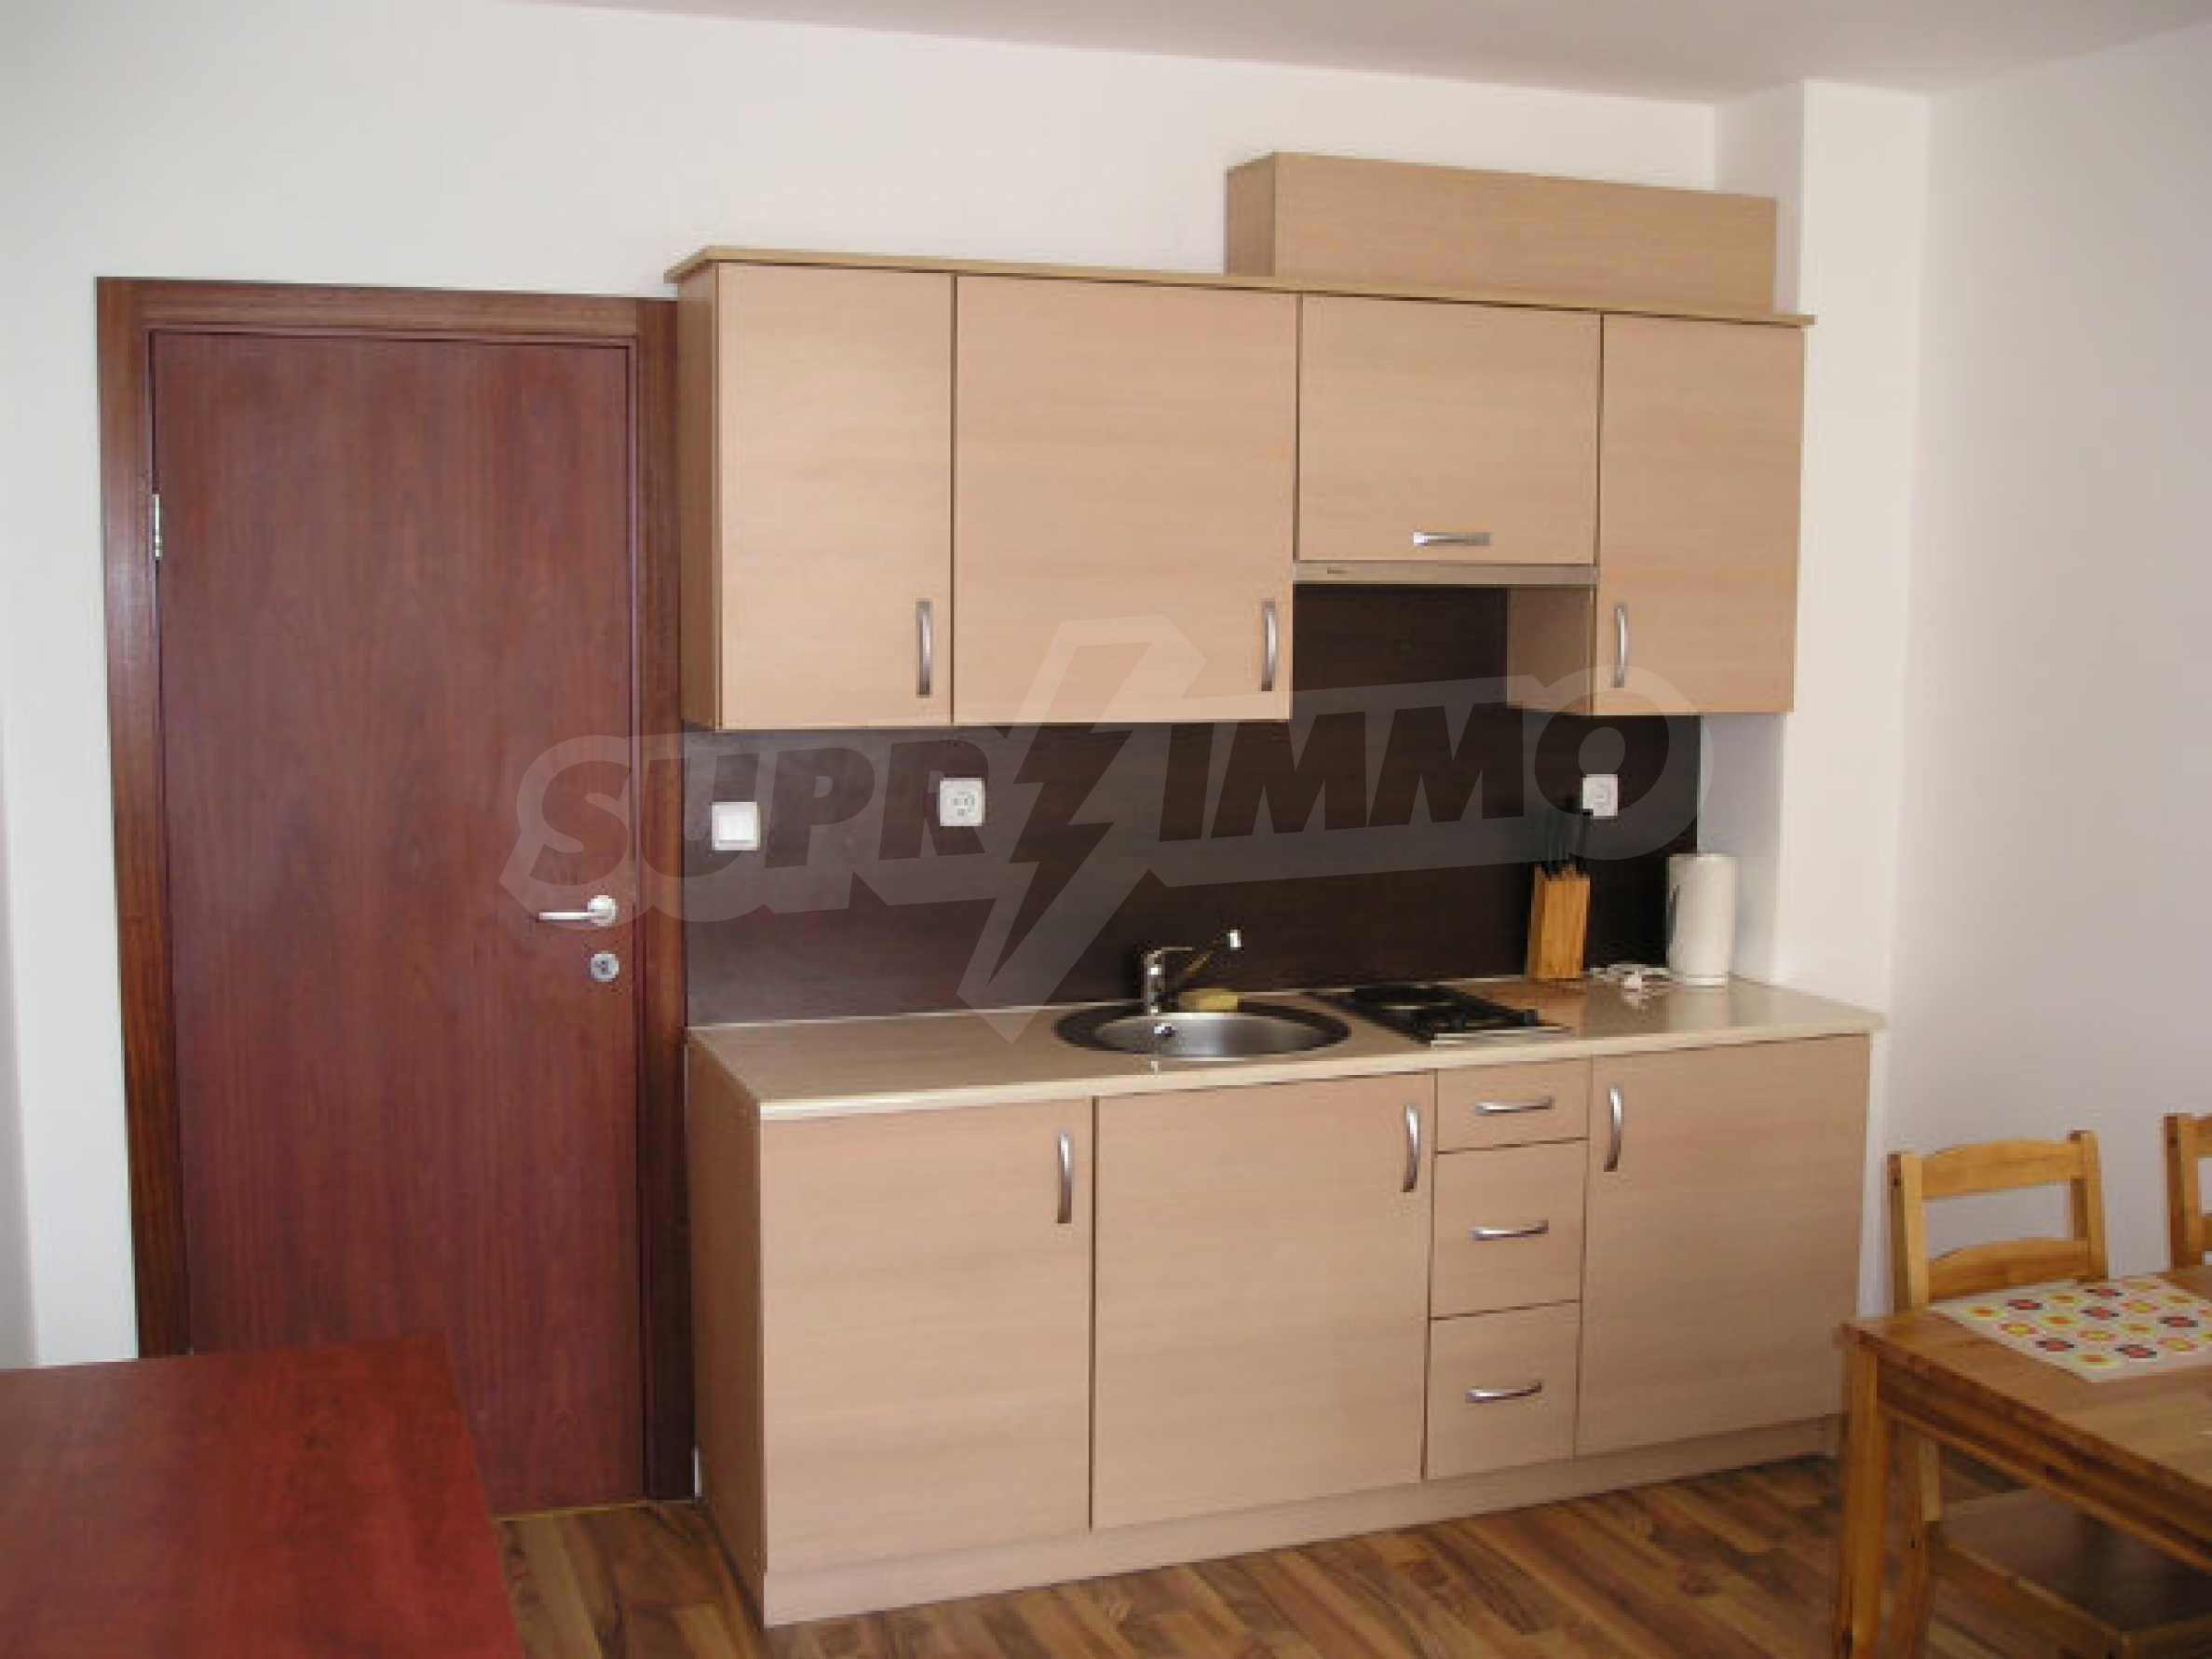 Ein-Zimmer-Wohnung zum Verkauf in Victor Komplex in Saint Vlas 17